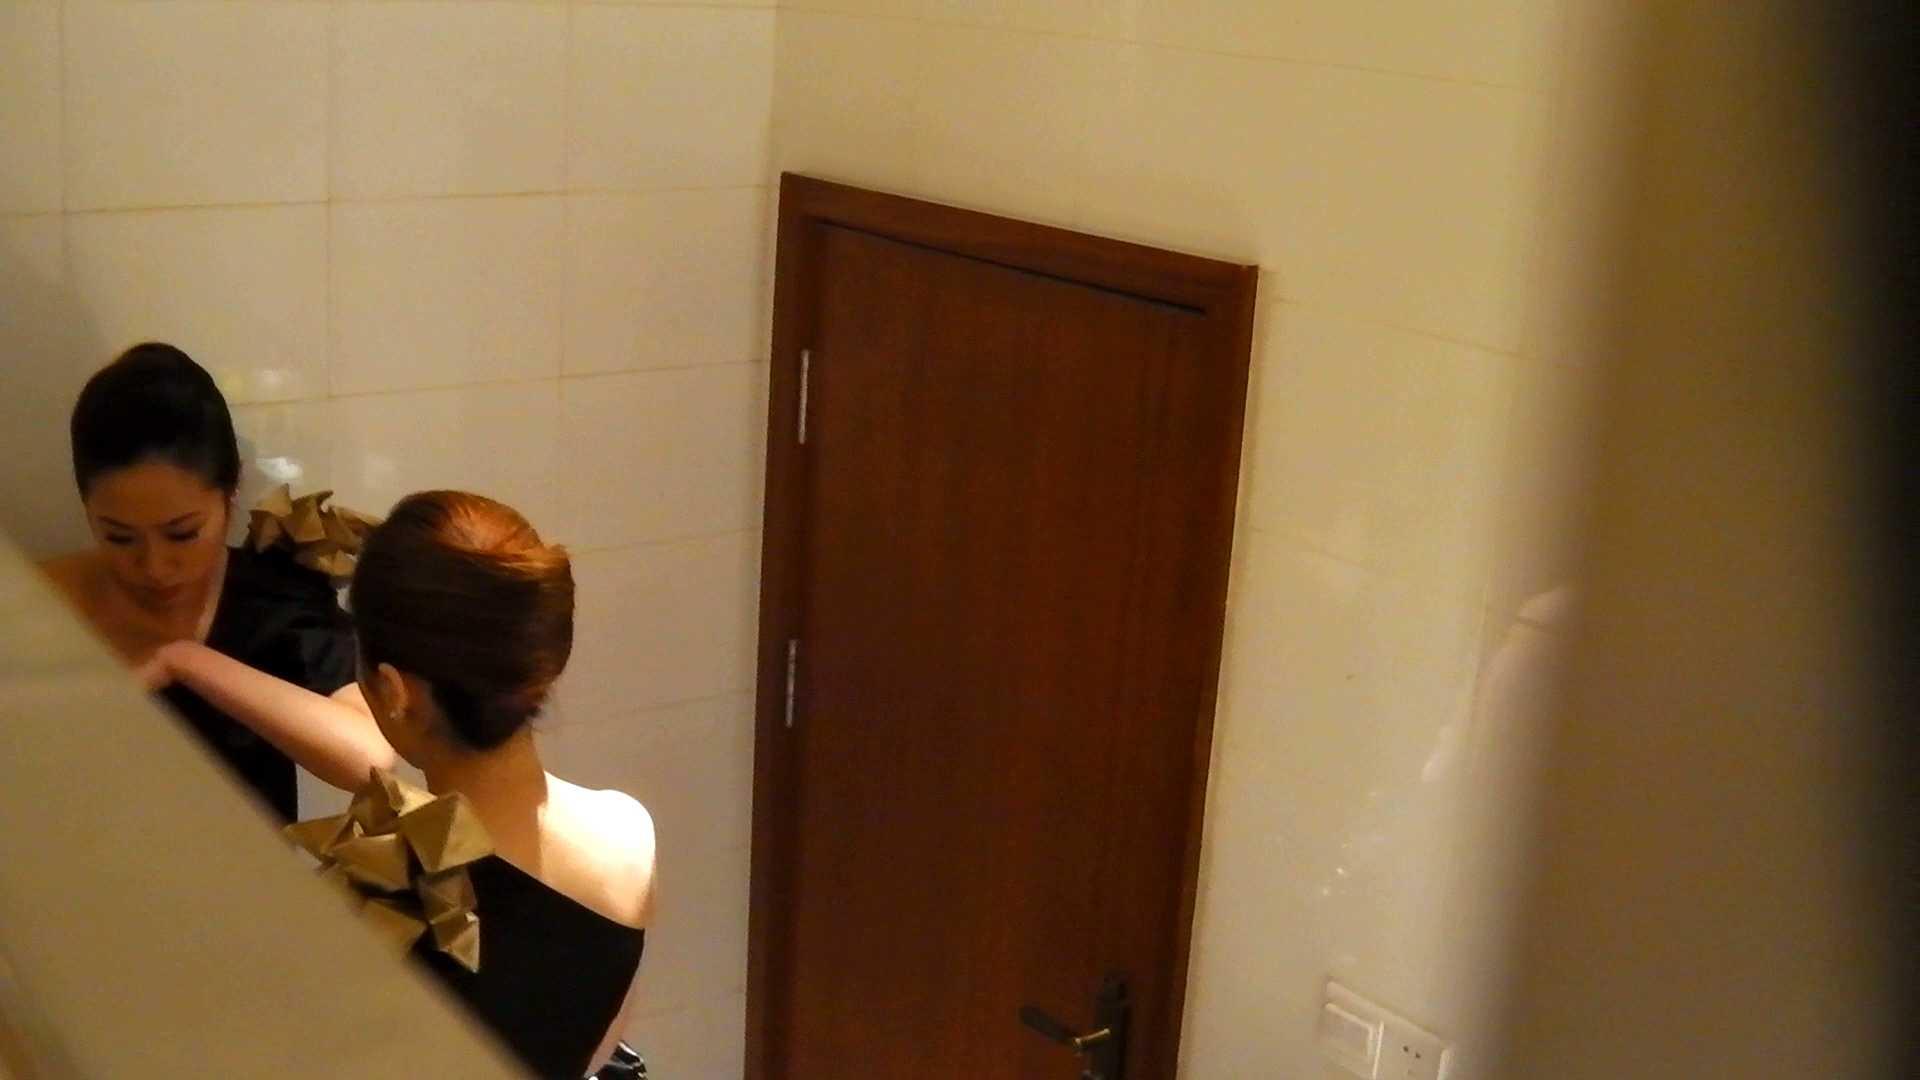 洗寿観音さんの 化粧室は四面楚歌Nol.5 洗面所  108枚 104